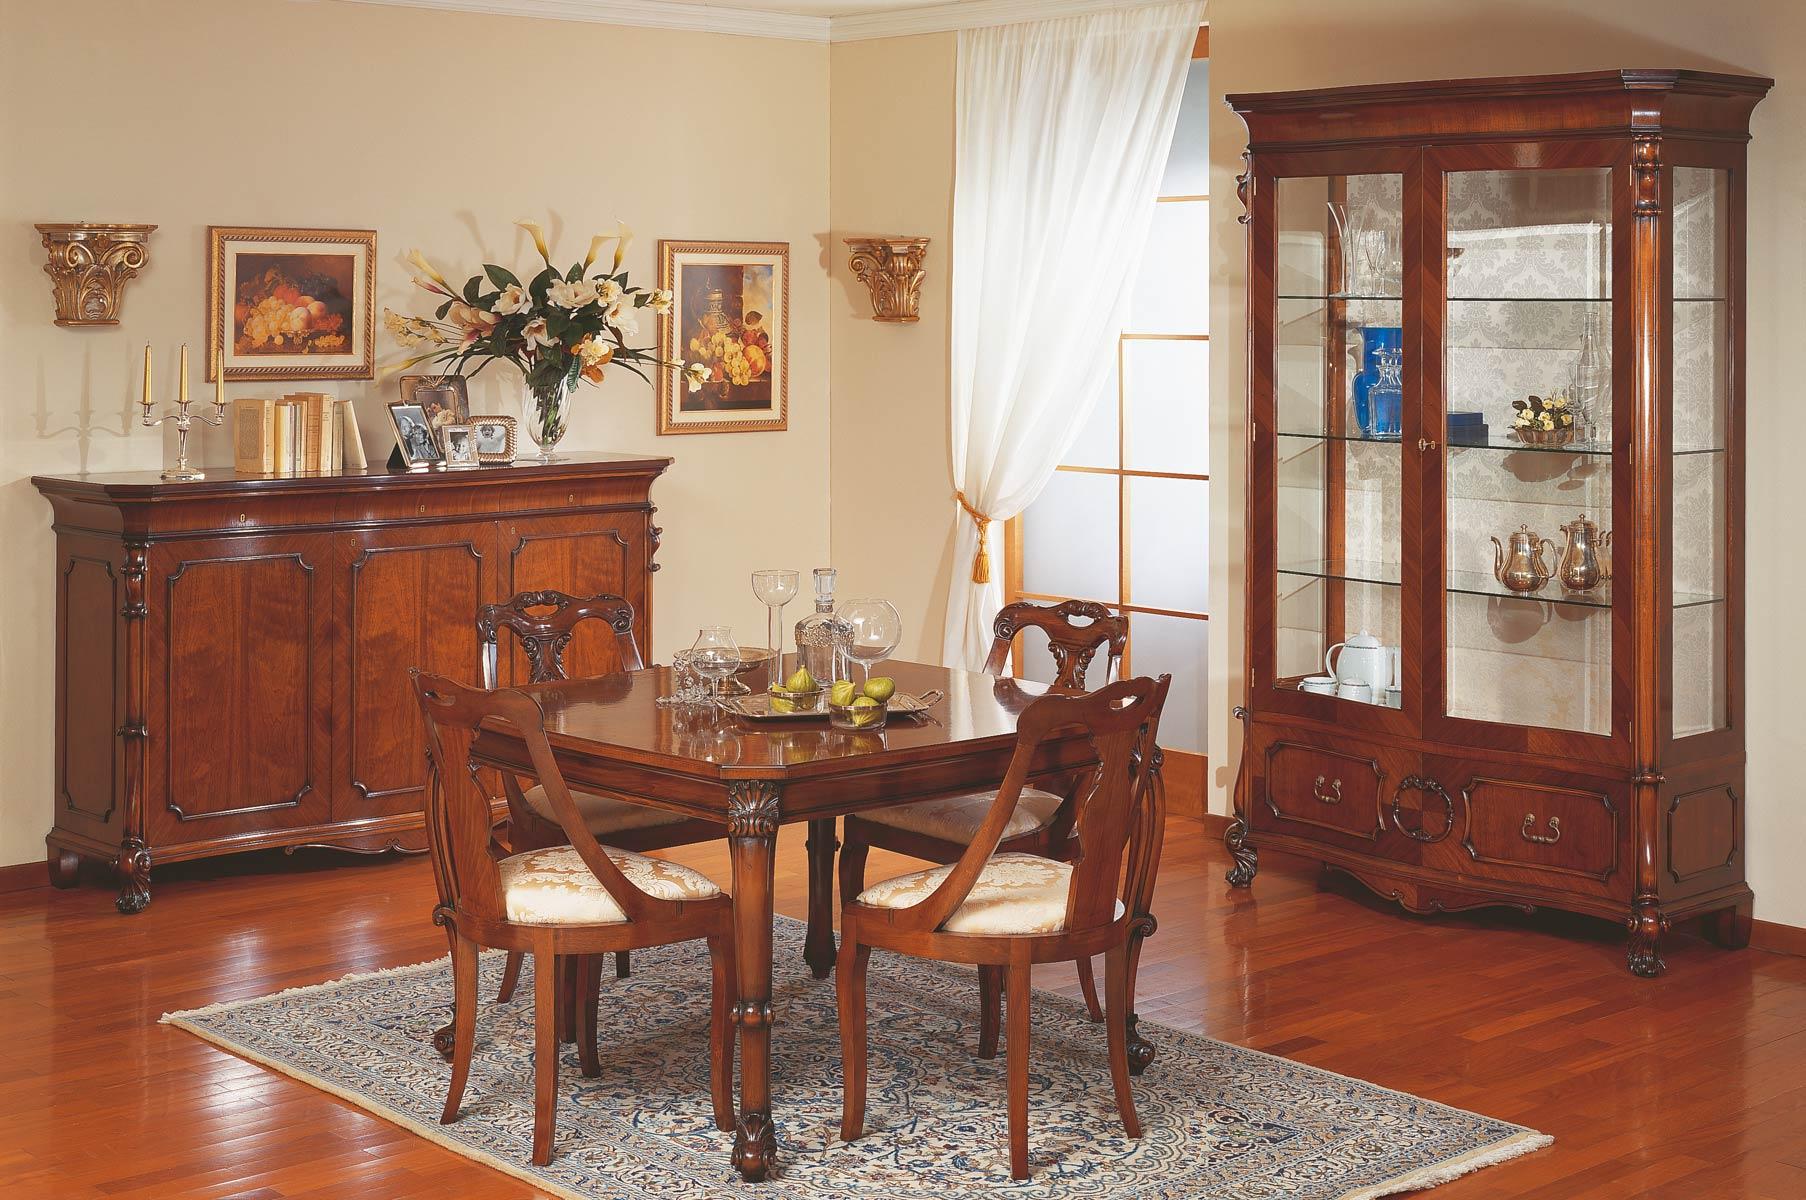 Sala da pranzo classica stile 700 siciliano vimercati meda - Camere da pranzo moderne ...